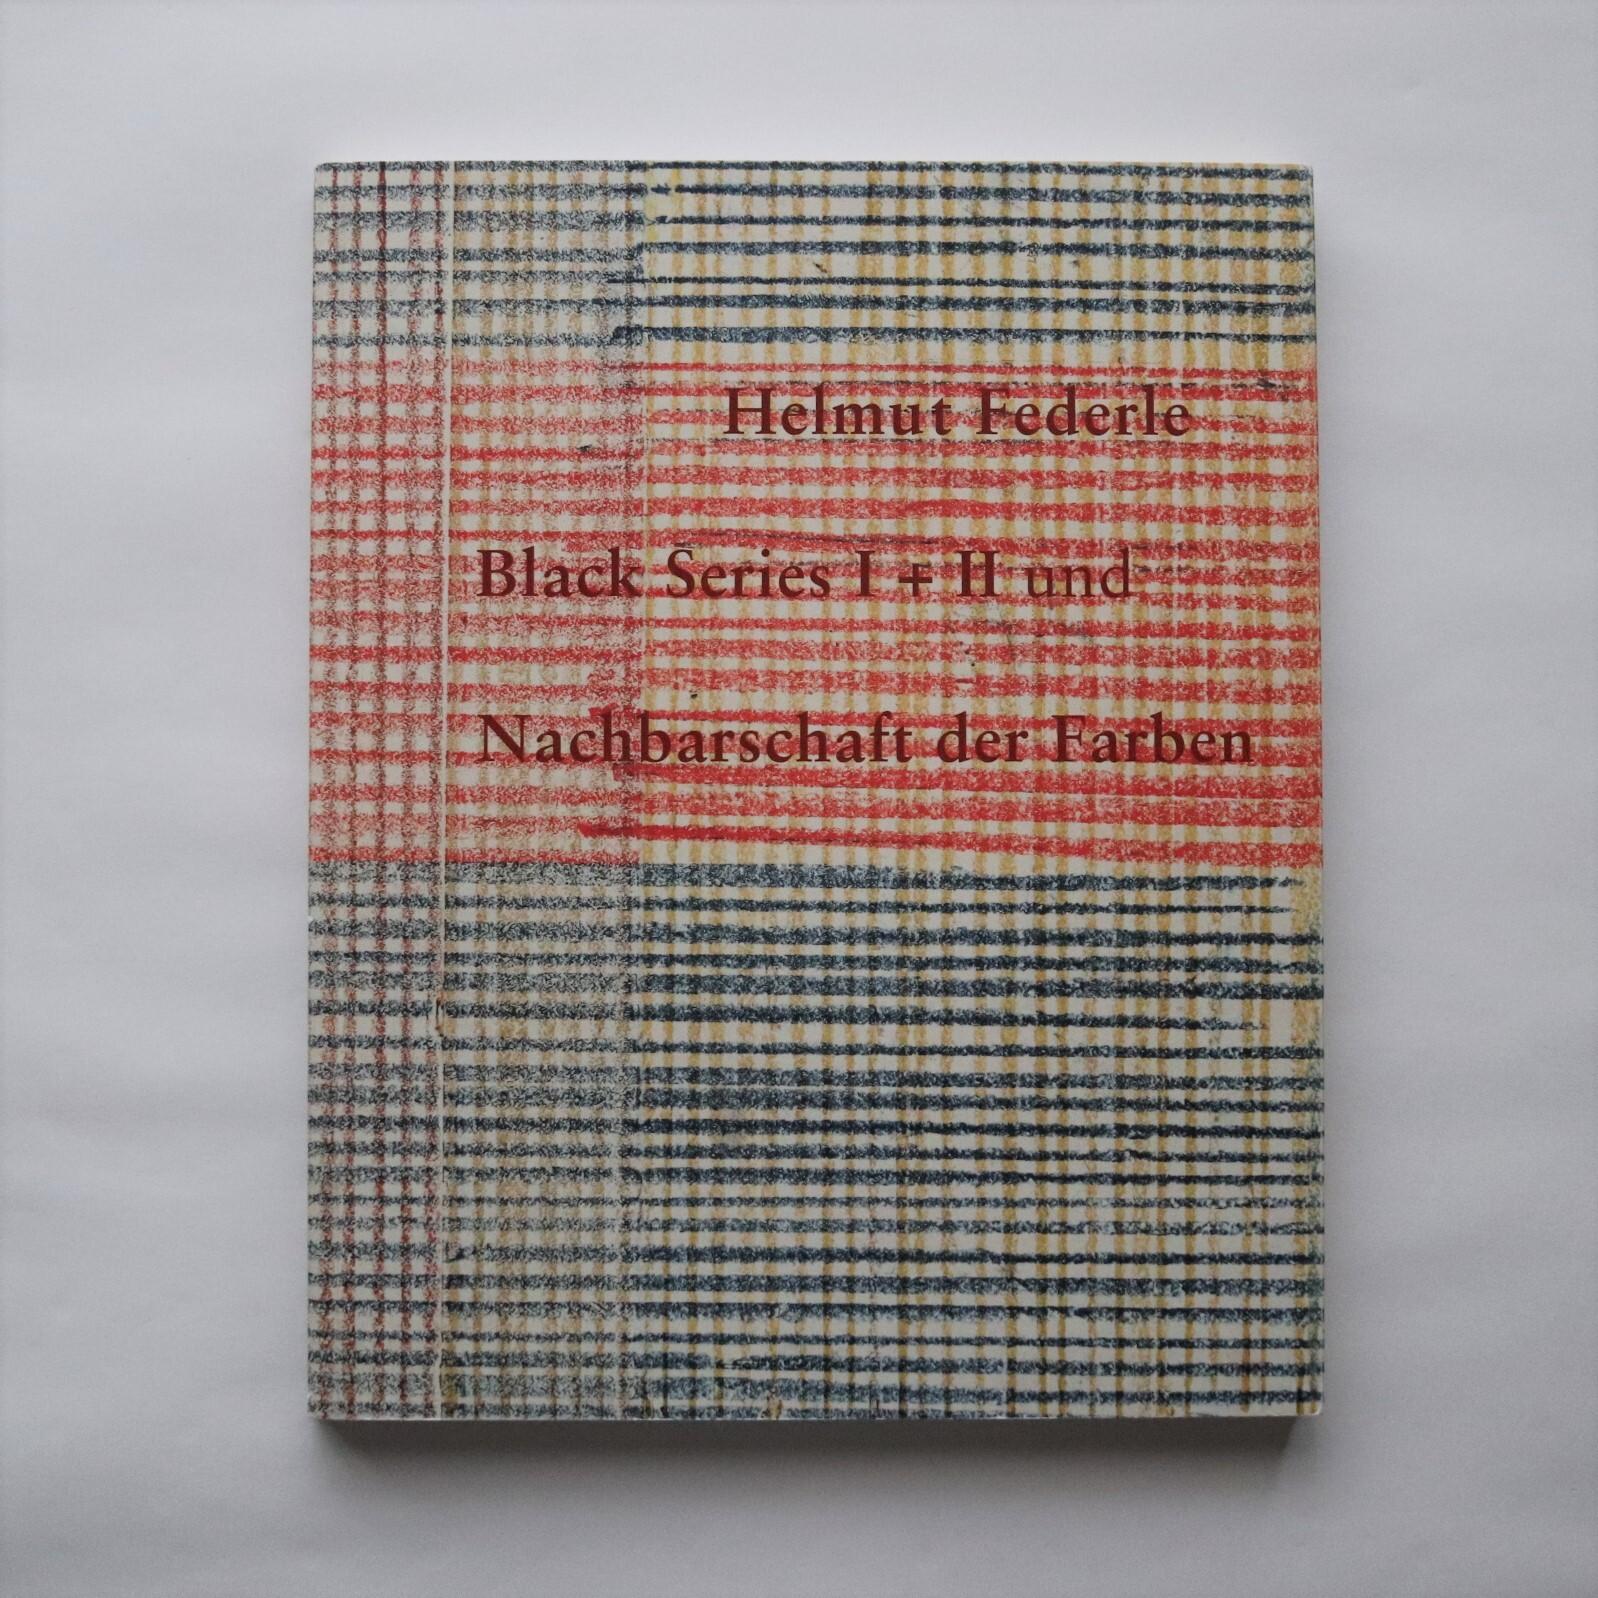 Helmut Federle : Black Series I + II und Nachbarschaft der Farben / Helmut M Federle